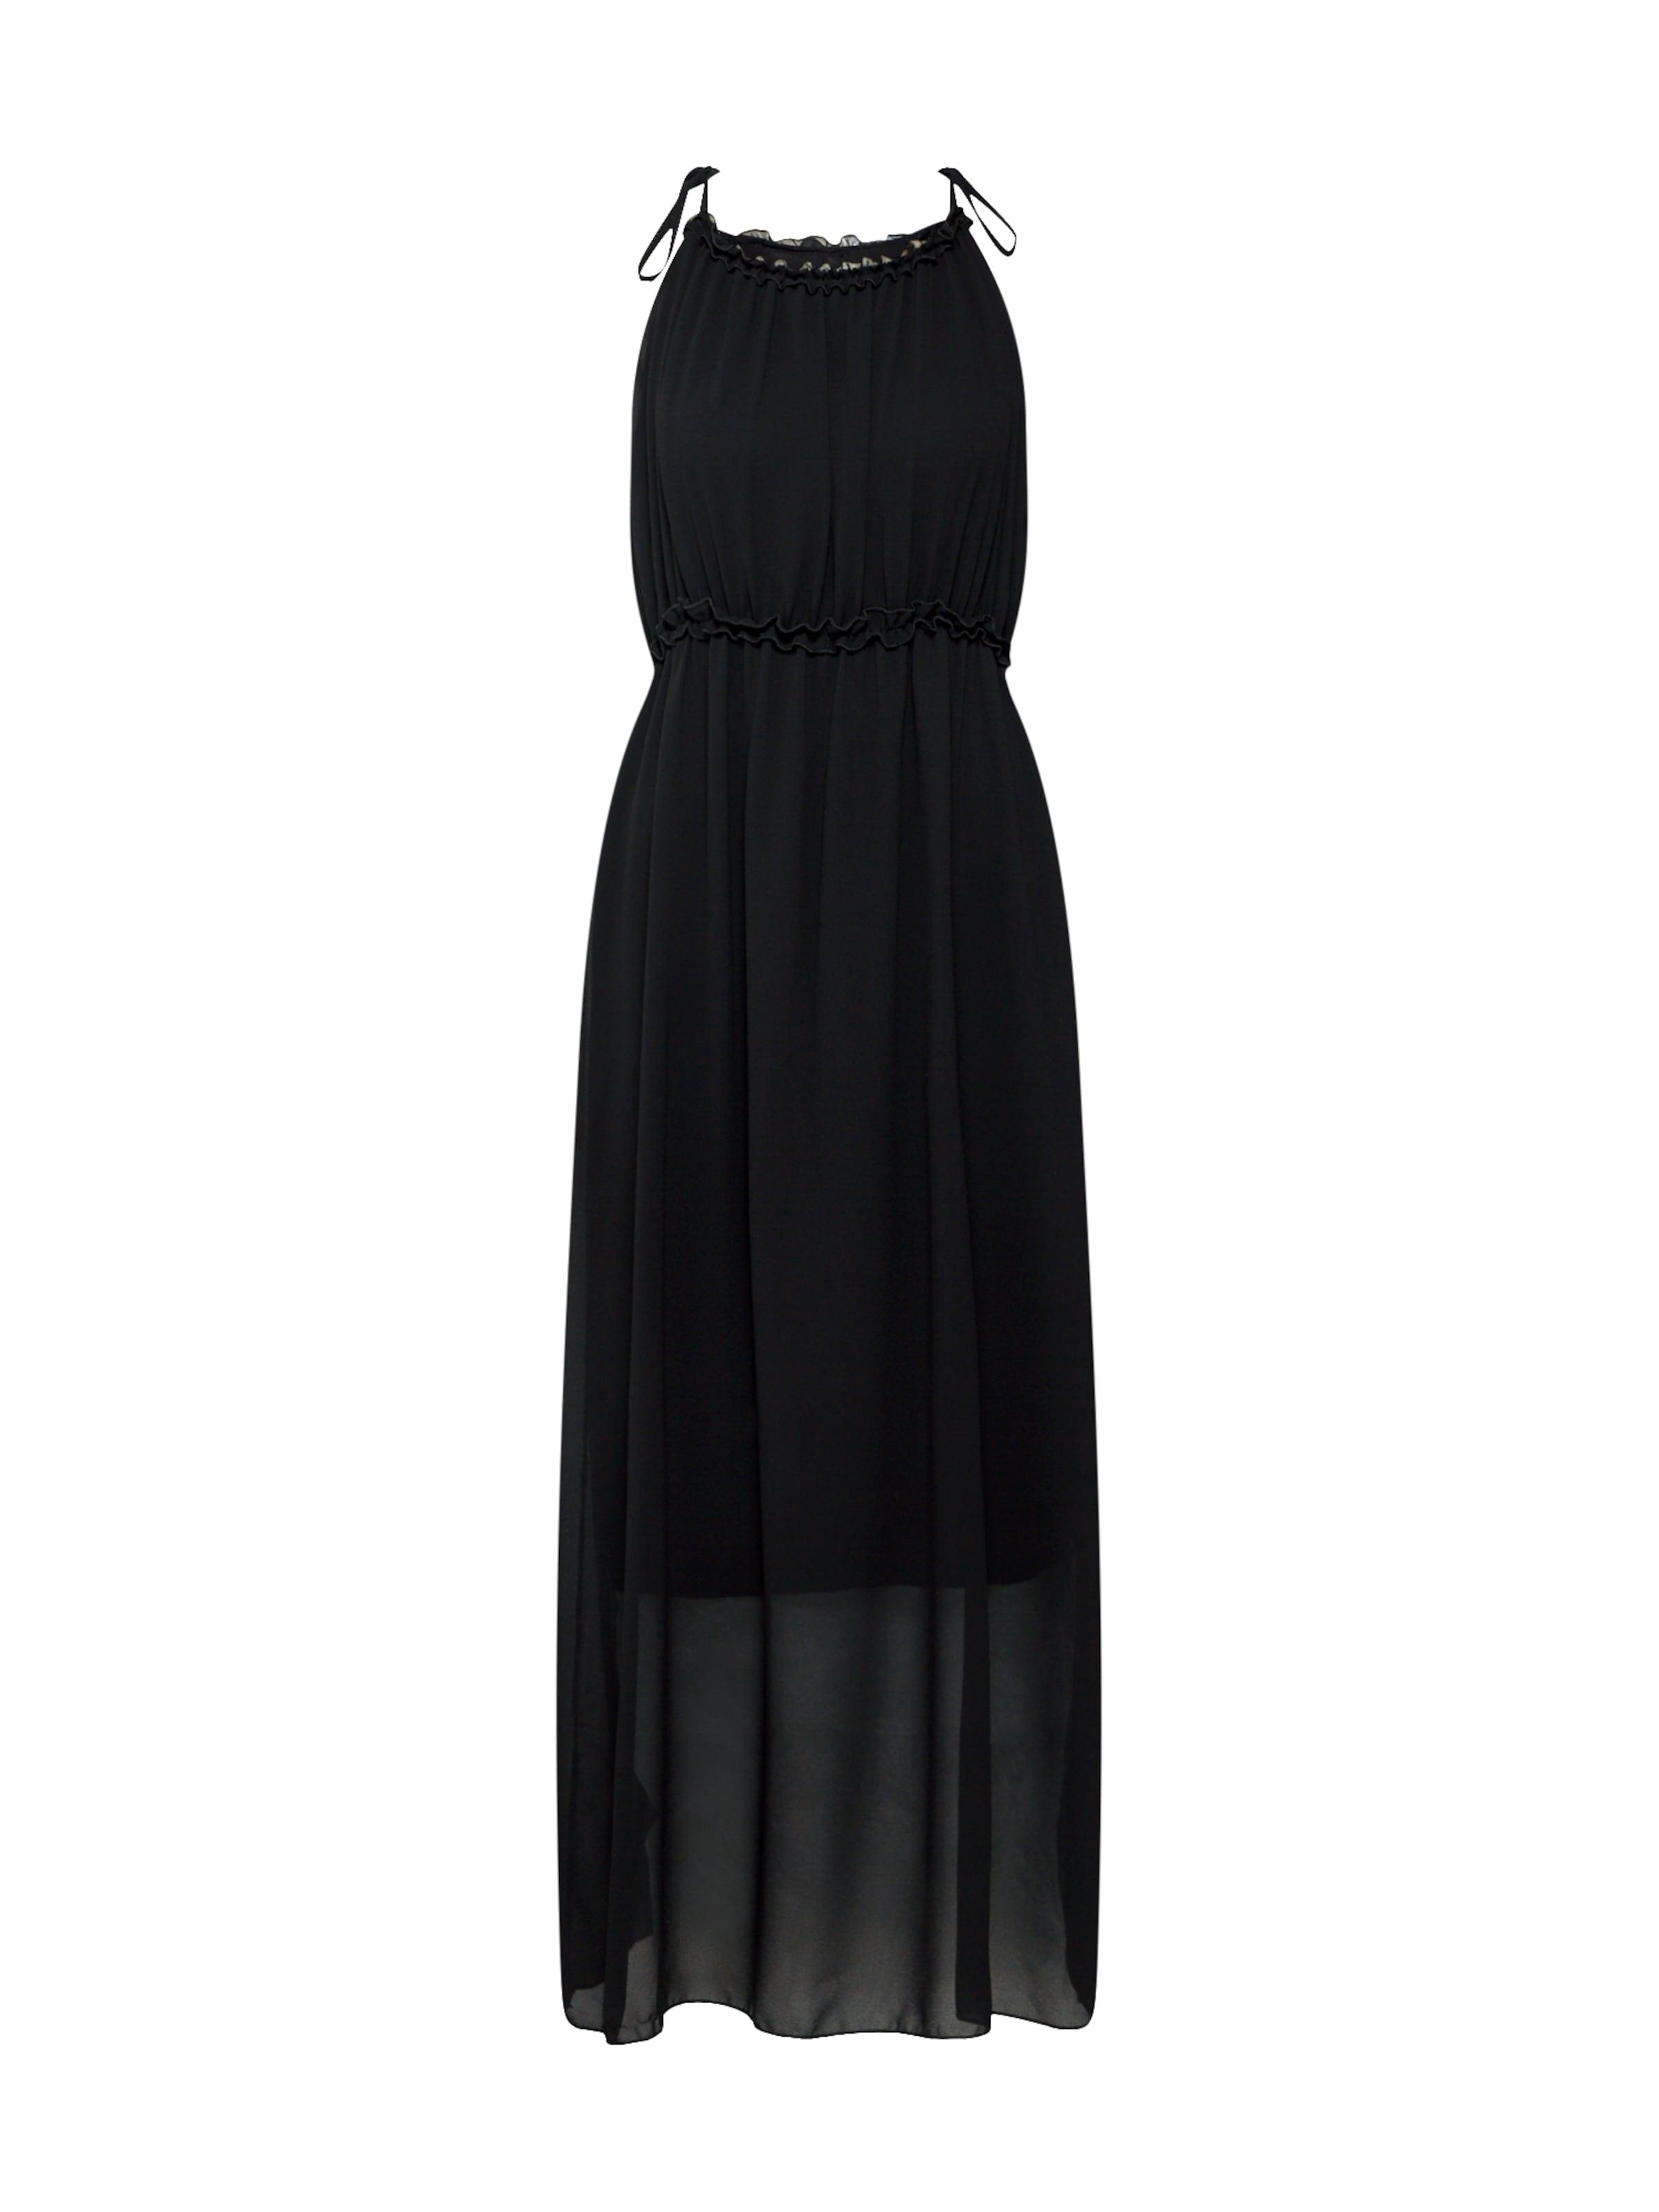 Hailys Kleid Kleid 'myria' In Hailys Schwarz RjL543A